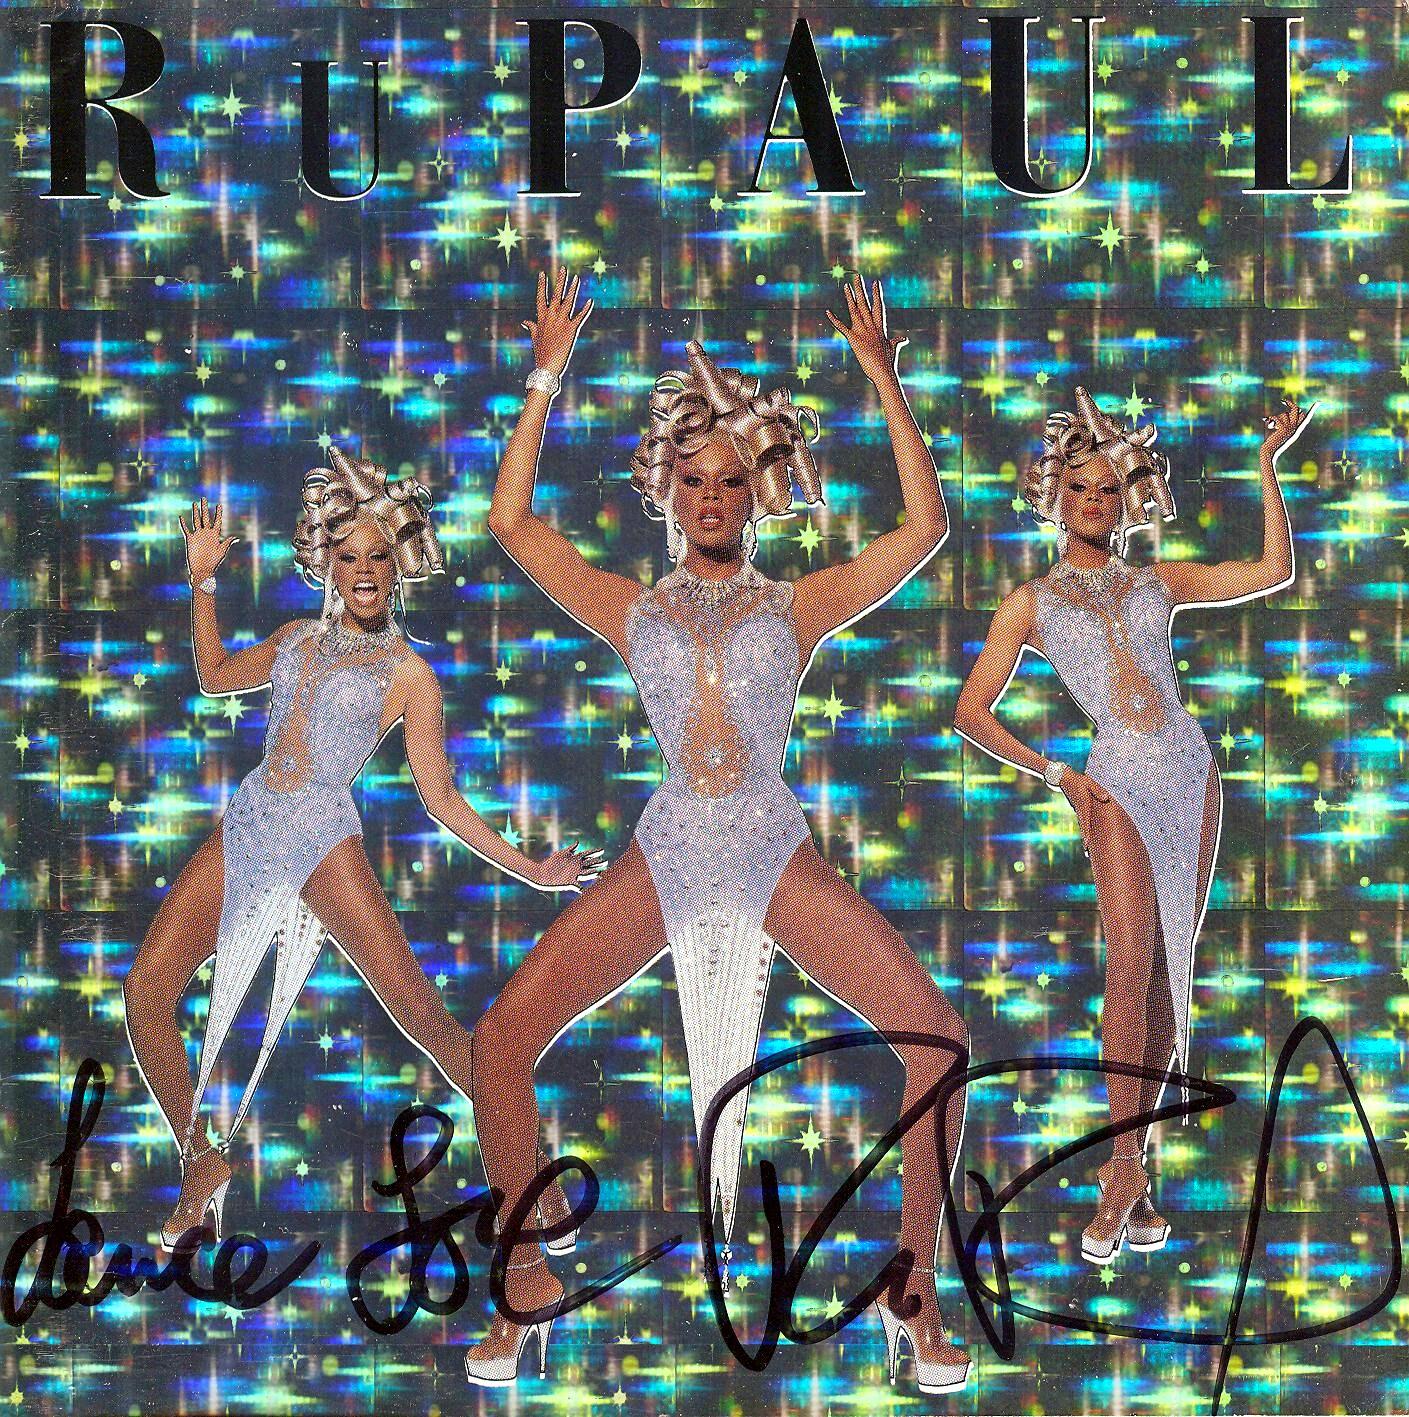 http://3.bp.blogspot.com/-QxB_7ll8FfE/TvqzwiQIgTI/AAAAAAAAHO0/HLOIKaOcWuc/s1600/rupaulsupermodelcd1.jpg